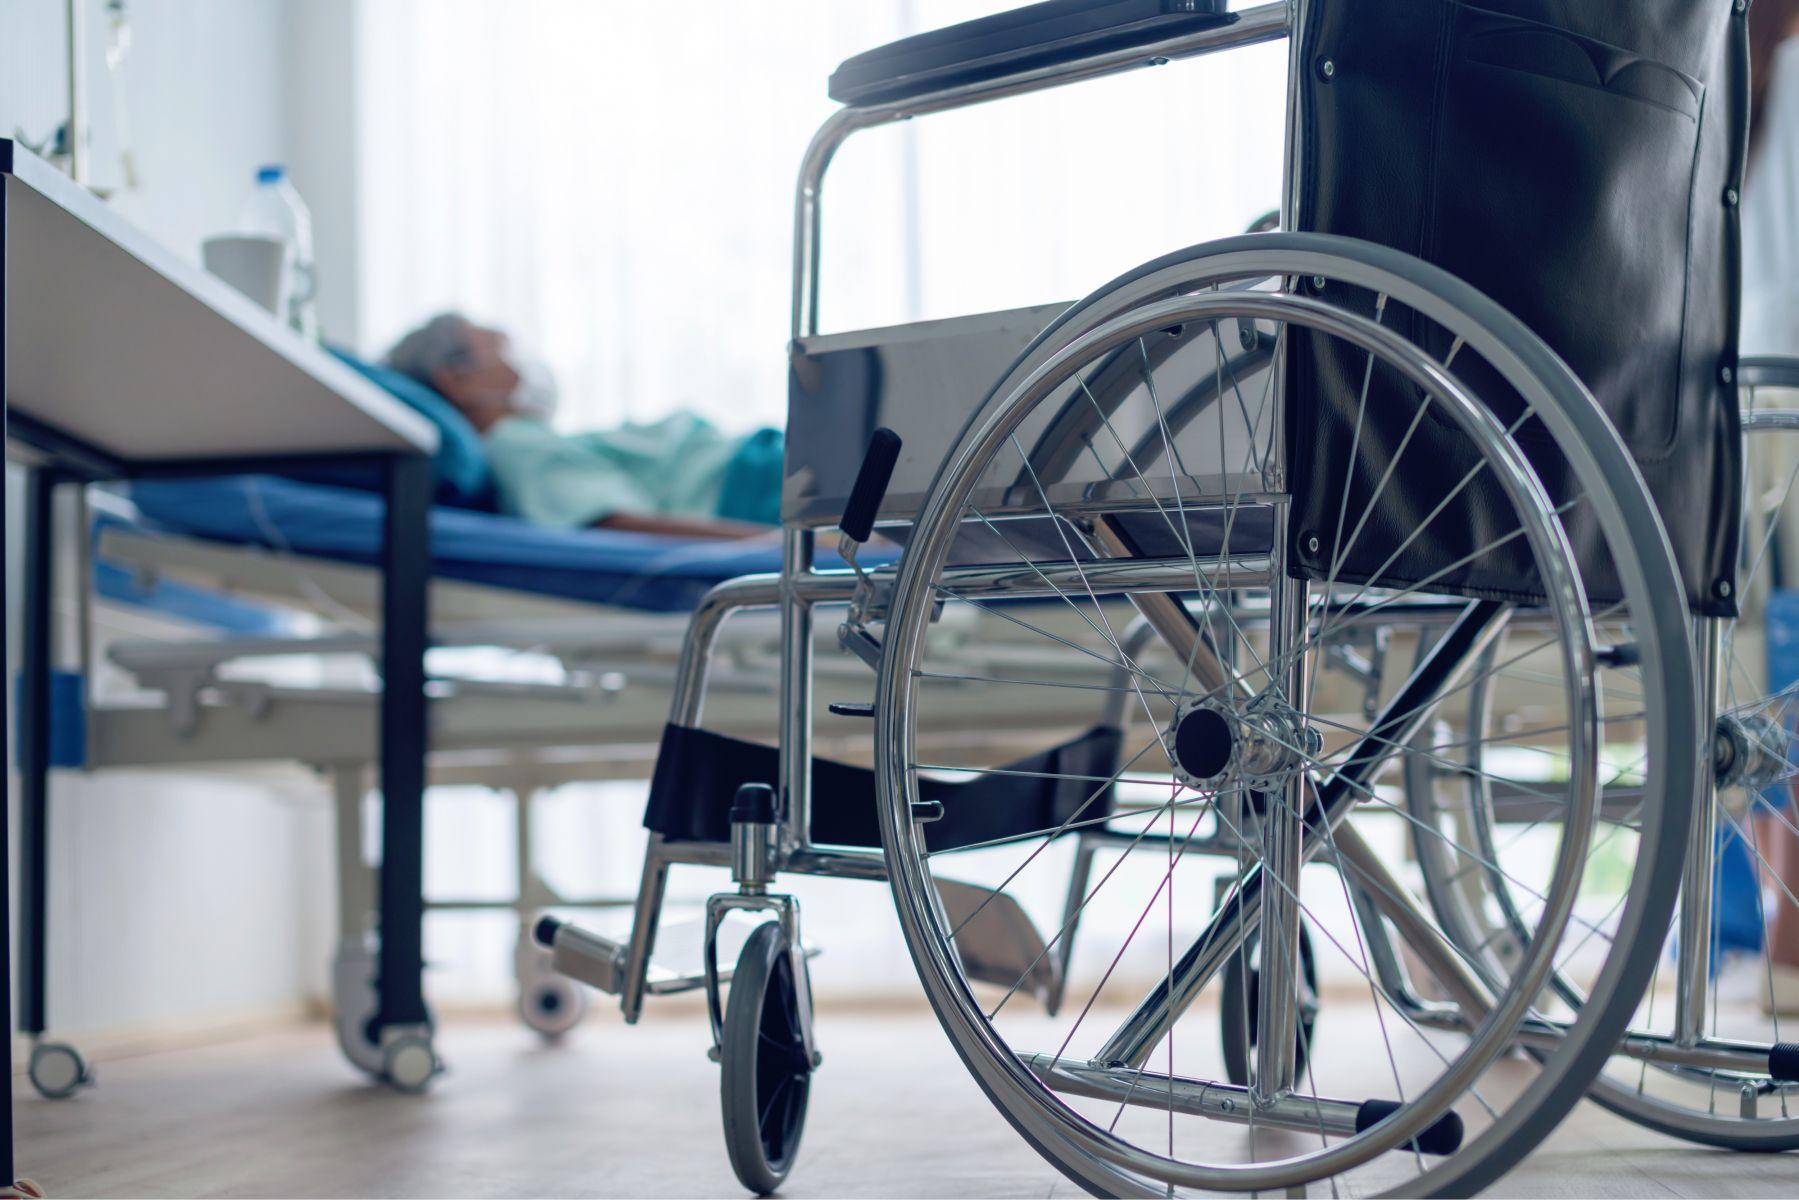 他高齡90卻插鼻胃管,痛苦捱了三年...一位失智患者告白:寧可慈悲死去,也不要悲慘度日如年!